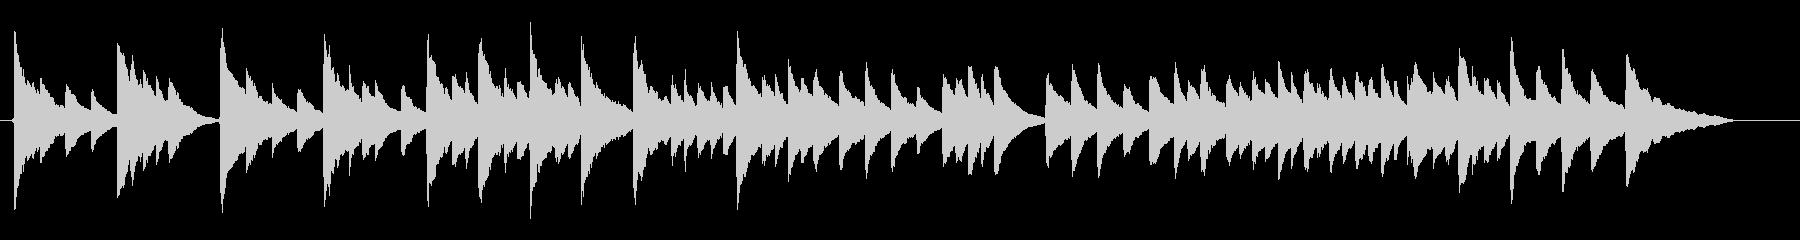 静か穏やか子守唄【ビブラフォンソロ】の未再生の波形